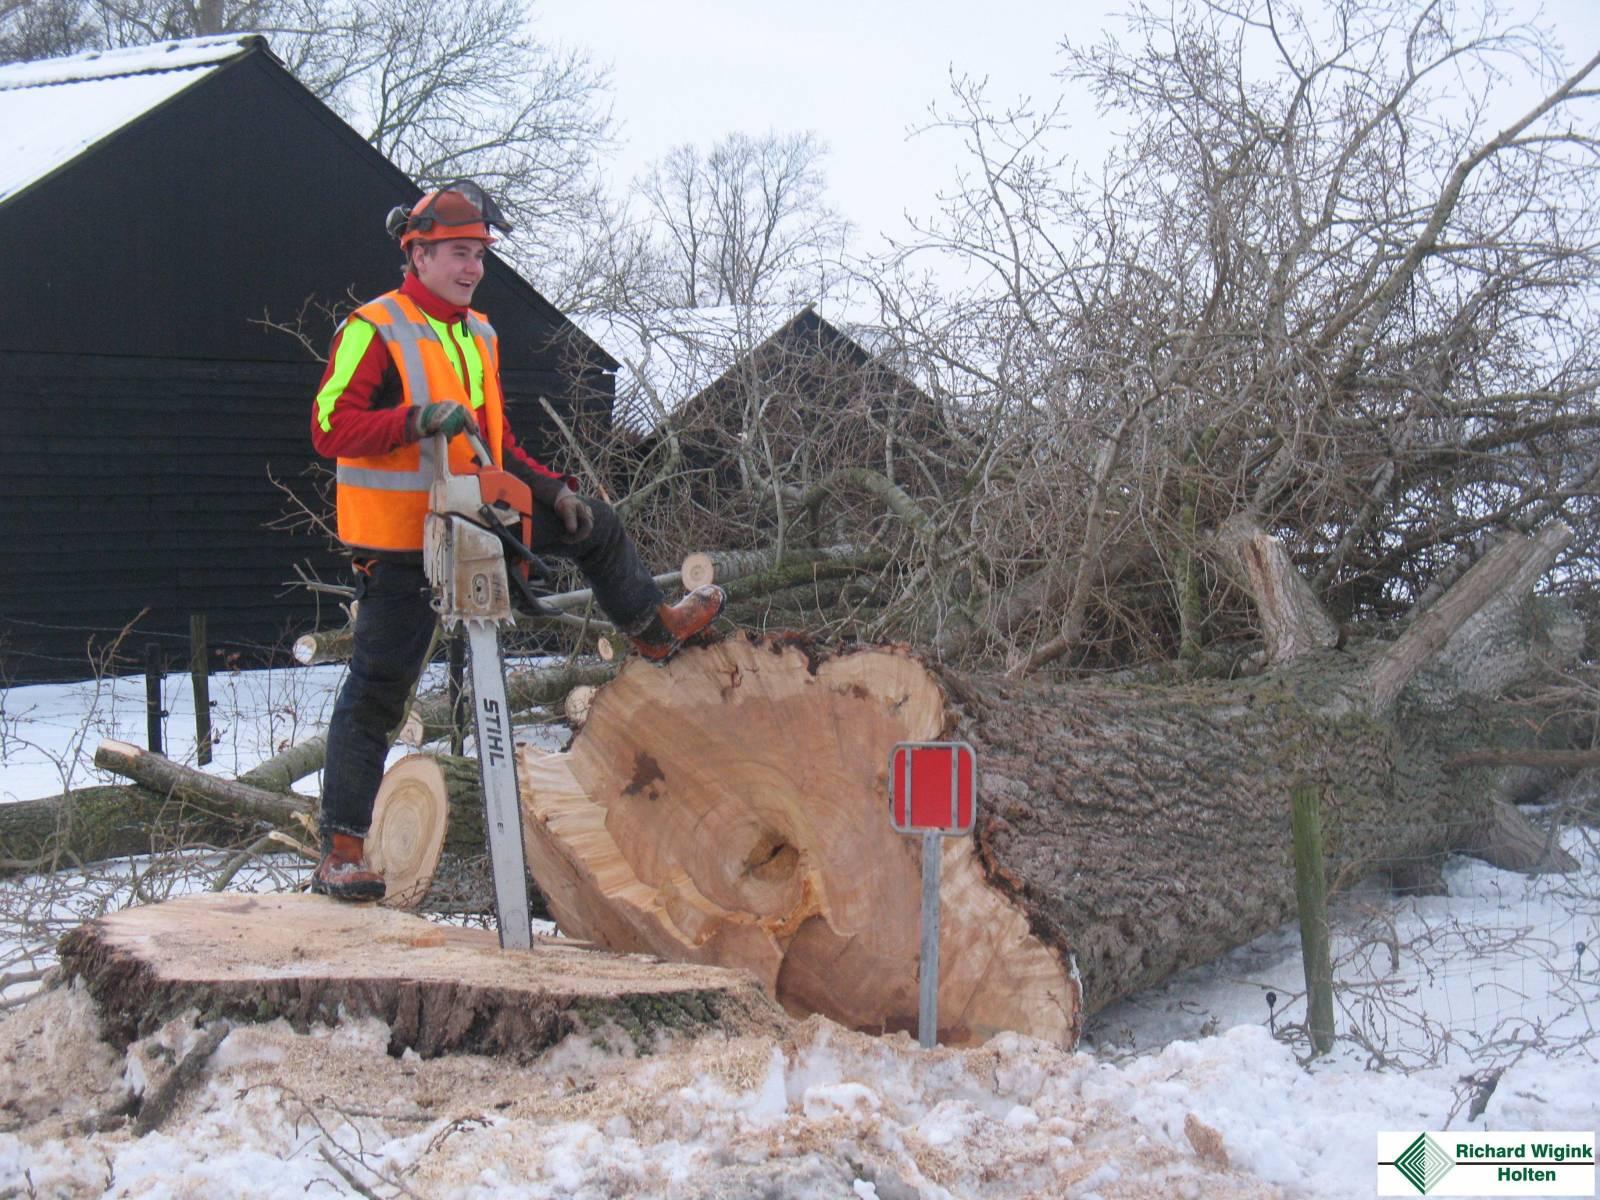 Bosbouwbedrijf